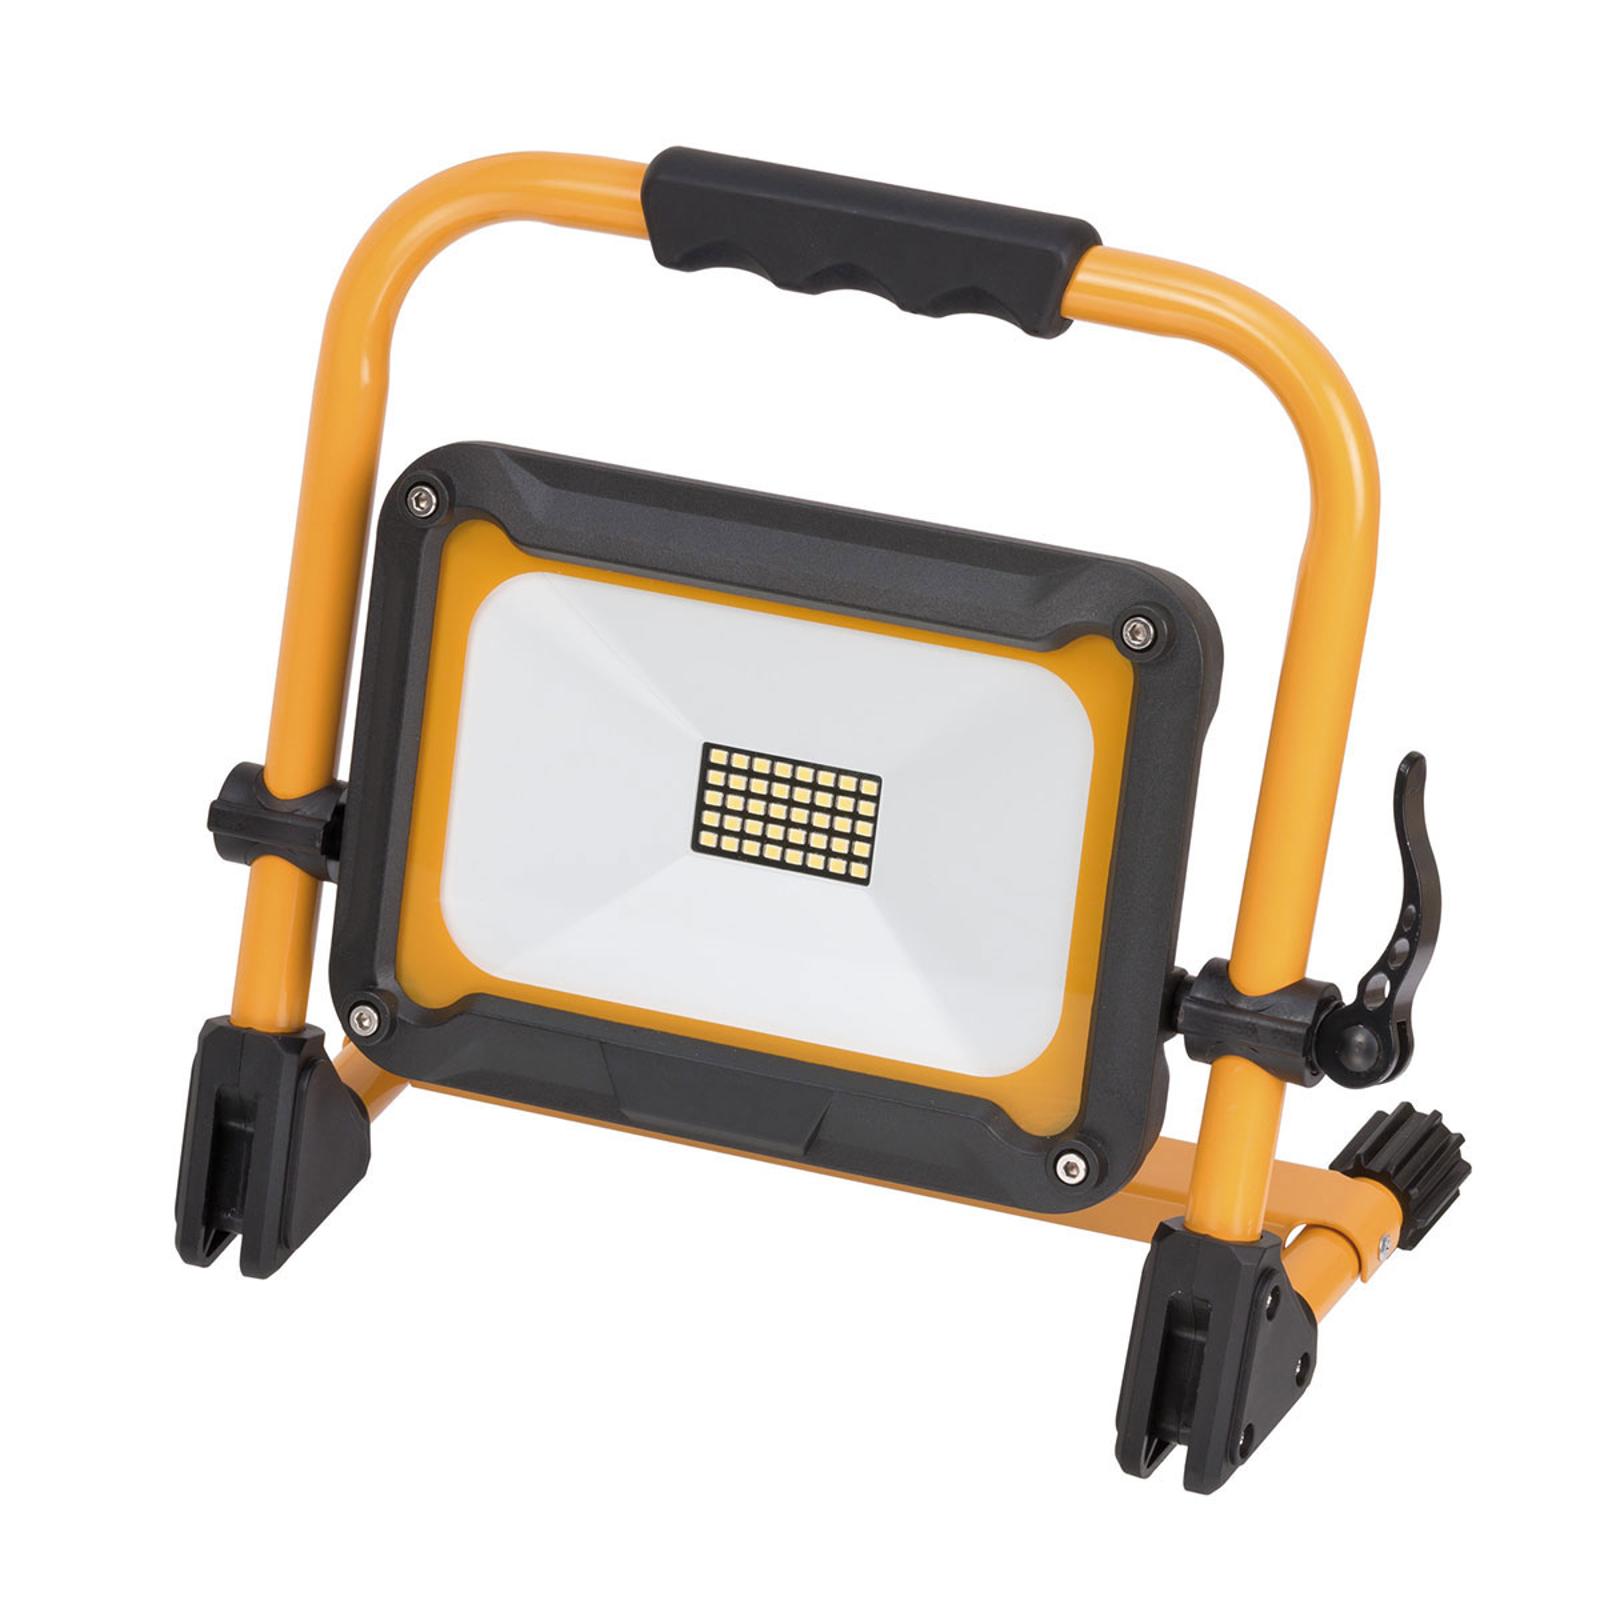 LED-Baustrahler Jaro m. Akku, mobil, IP54 20W